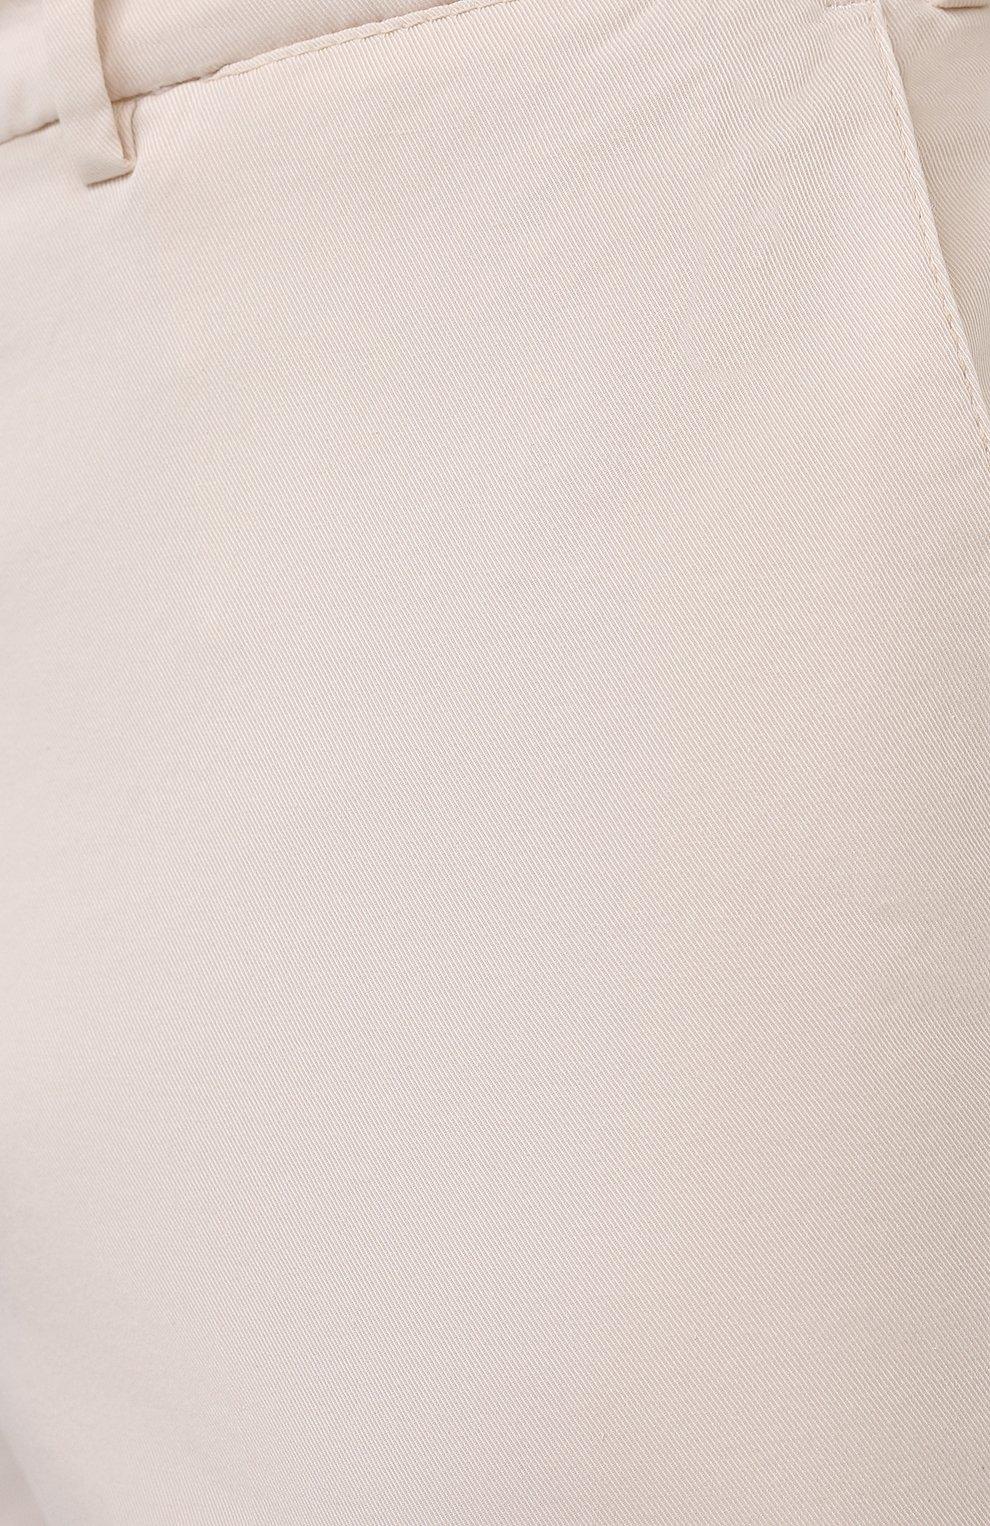 Мужские хлопковые брюки BRUNELLO CUCINELLI белого цвета, арт. M289LB1770 | Фото 5 (Силуэт М (брюки): Чиносы; Длина (брюки, джинсы): Стандартные; Случай: Повседневный; Материал внешний: Хлопок; Стили: Кэжуэл)